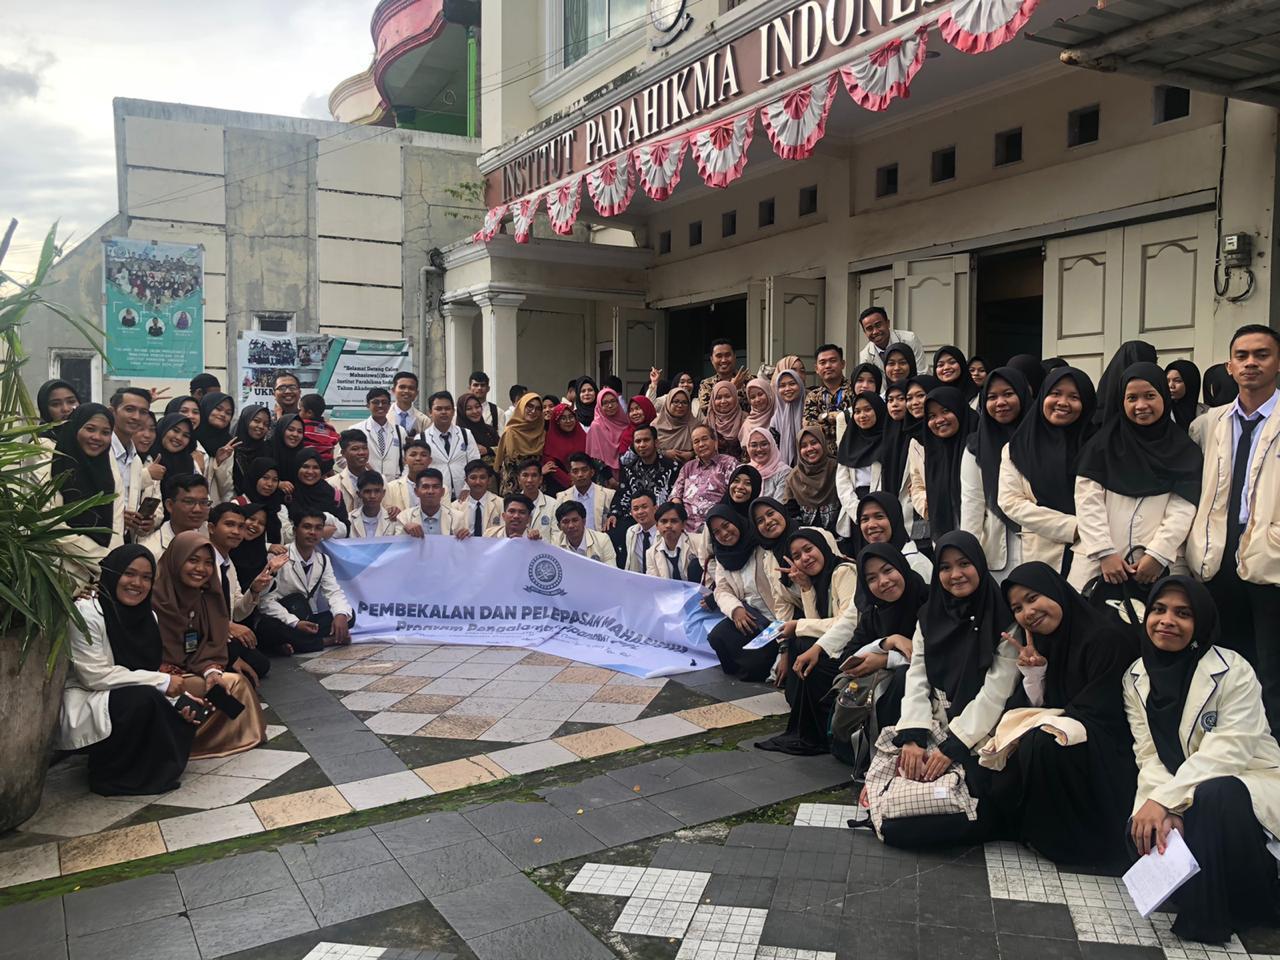 Praktek Pengalaman Lapangan (PPL) Mahasiswa Institut Parahikma Indonesia